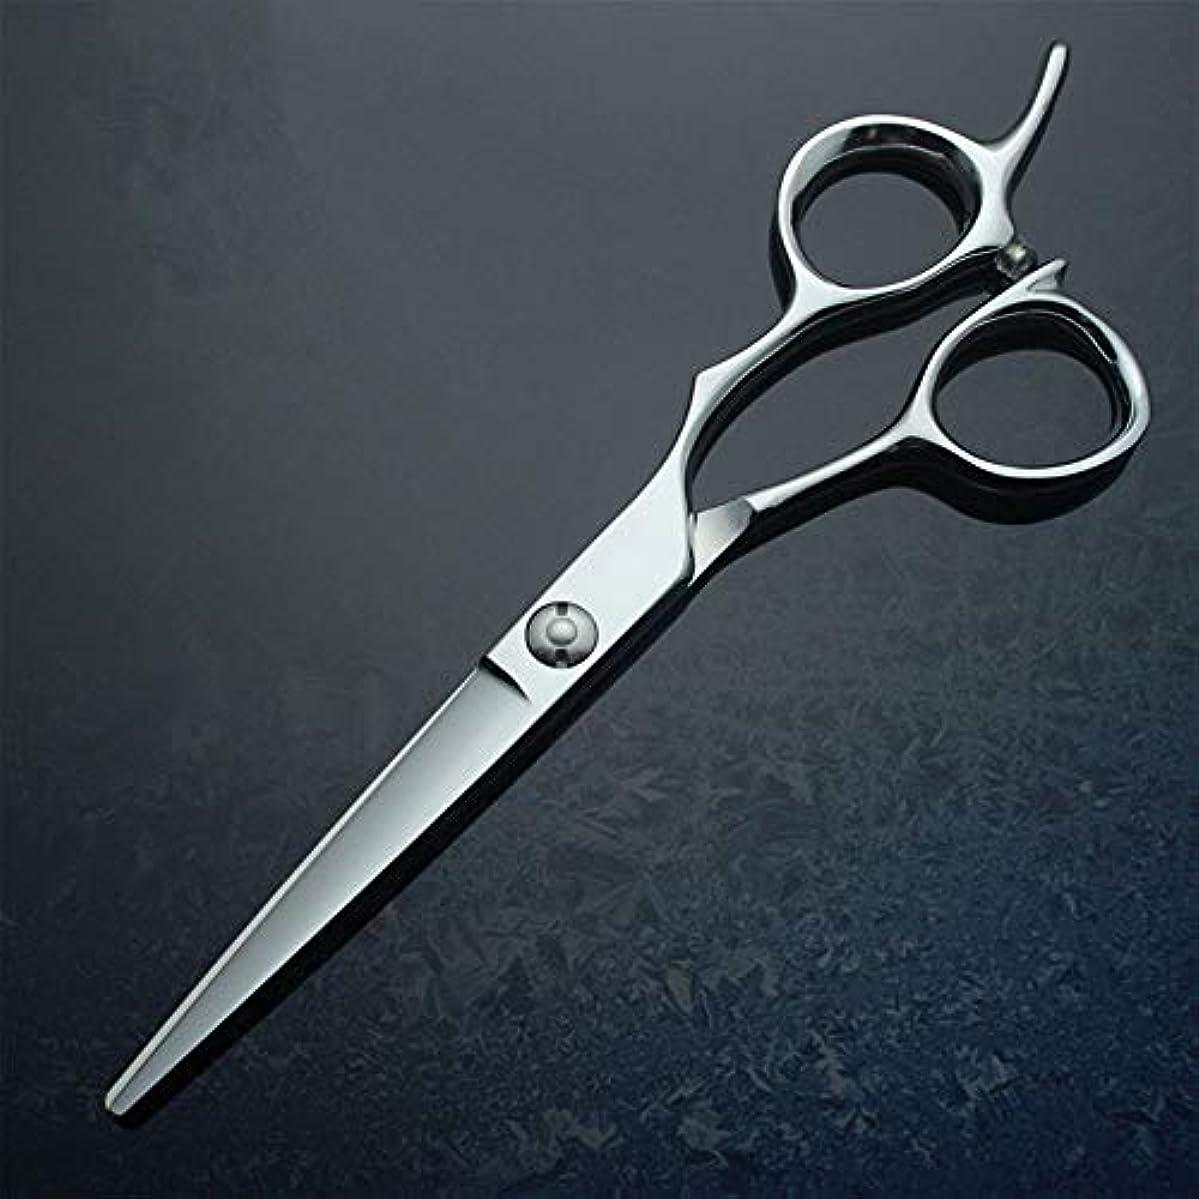 騒平凡土器6インチフラットシア、440Cプロフェッショナルハイエンド理髪用ハサミ モデリングツール (色 : Silver)